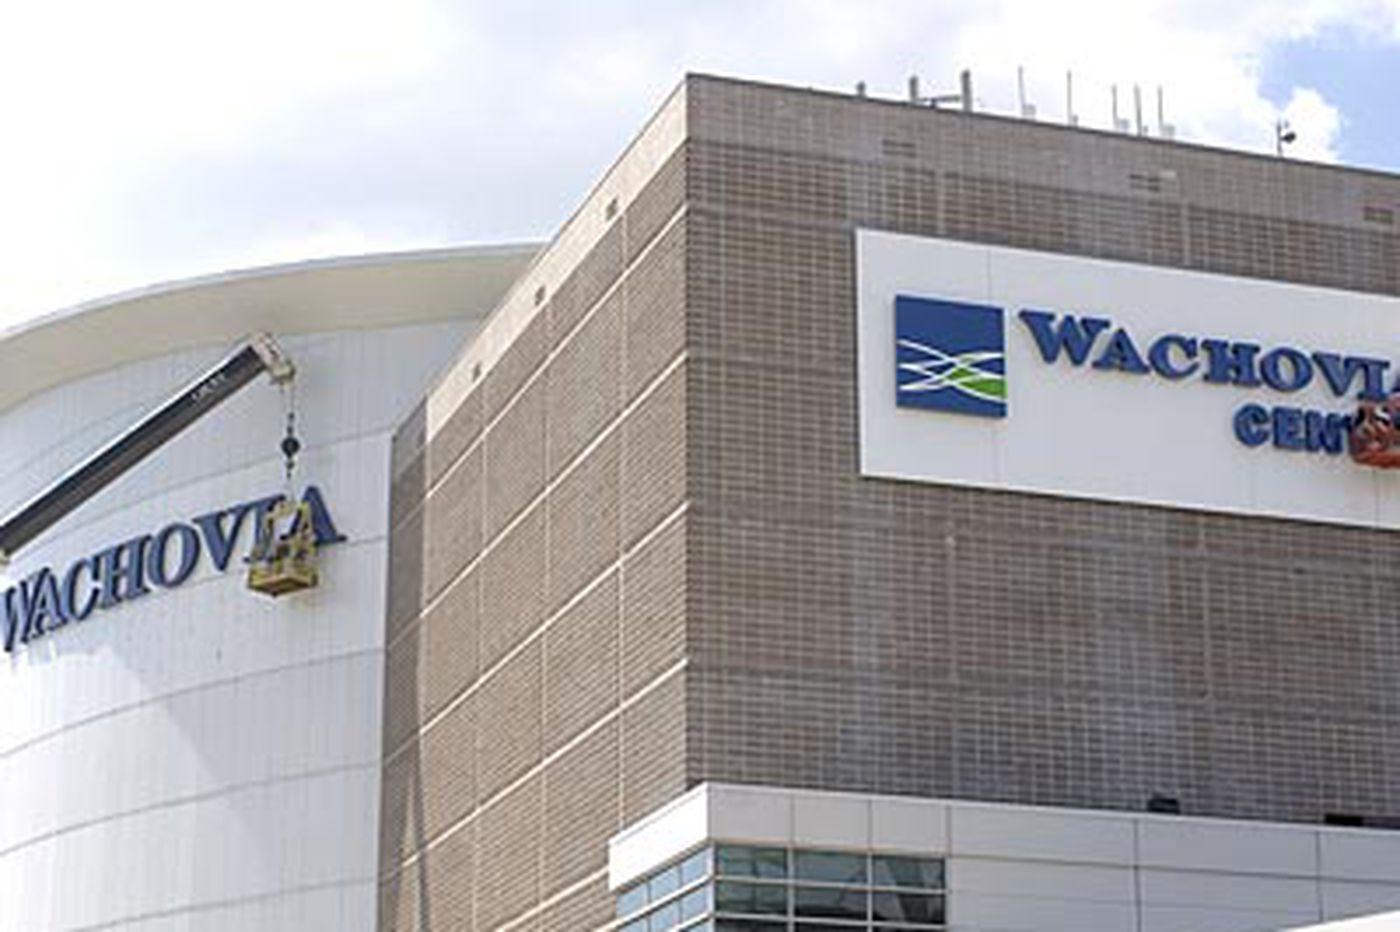 Wachovia Center renamed as Wells Fargo Center